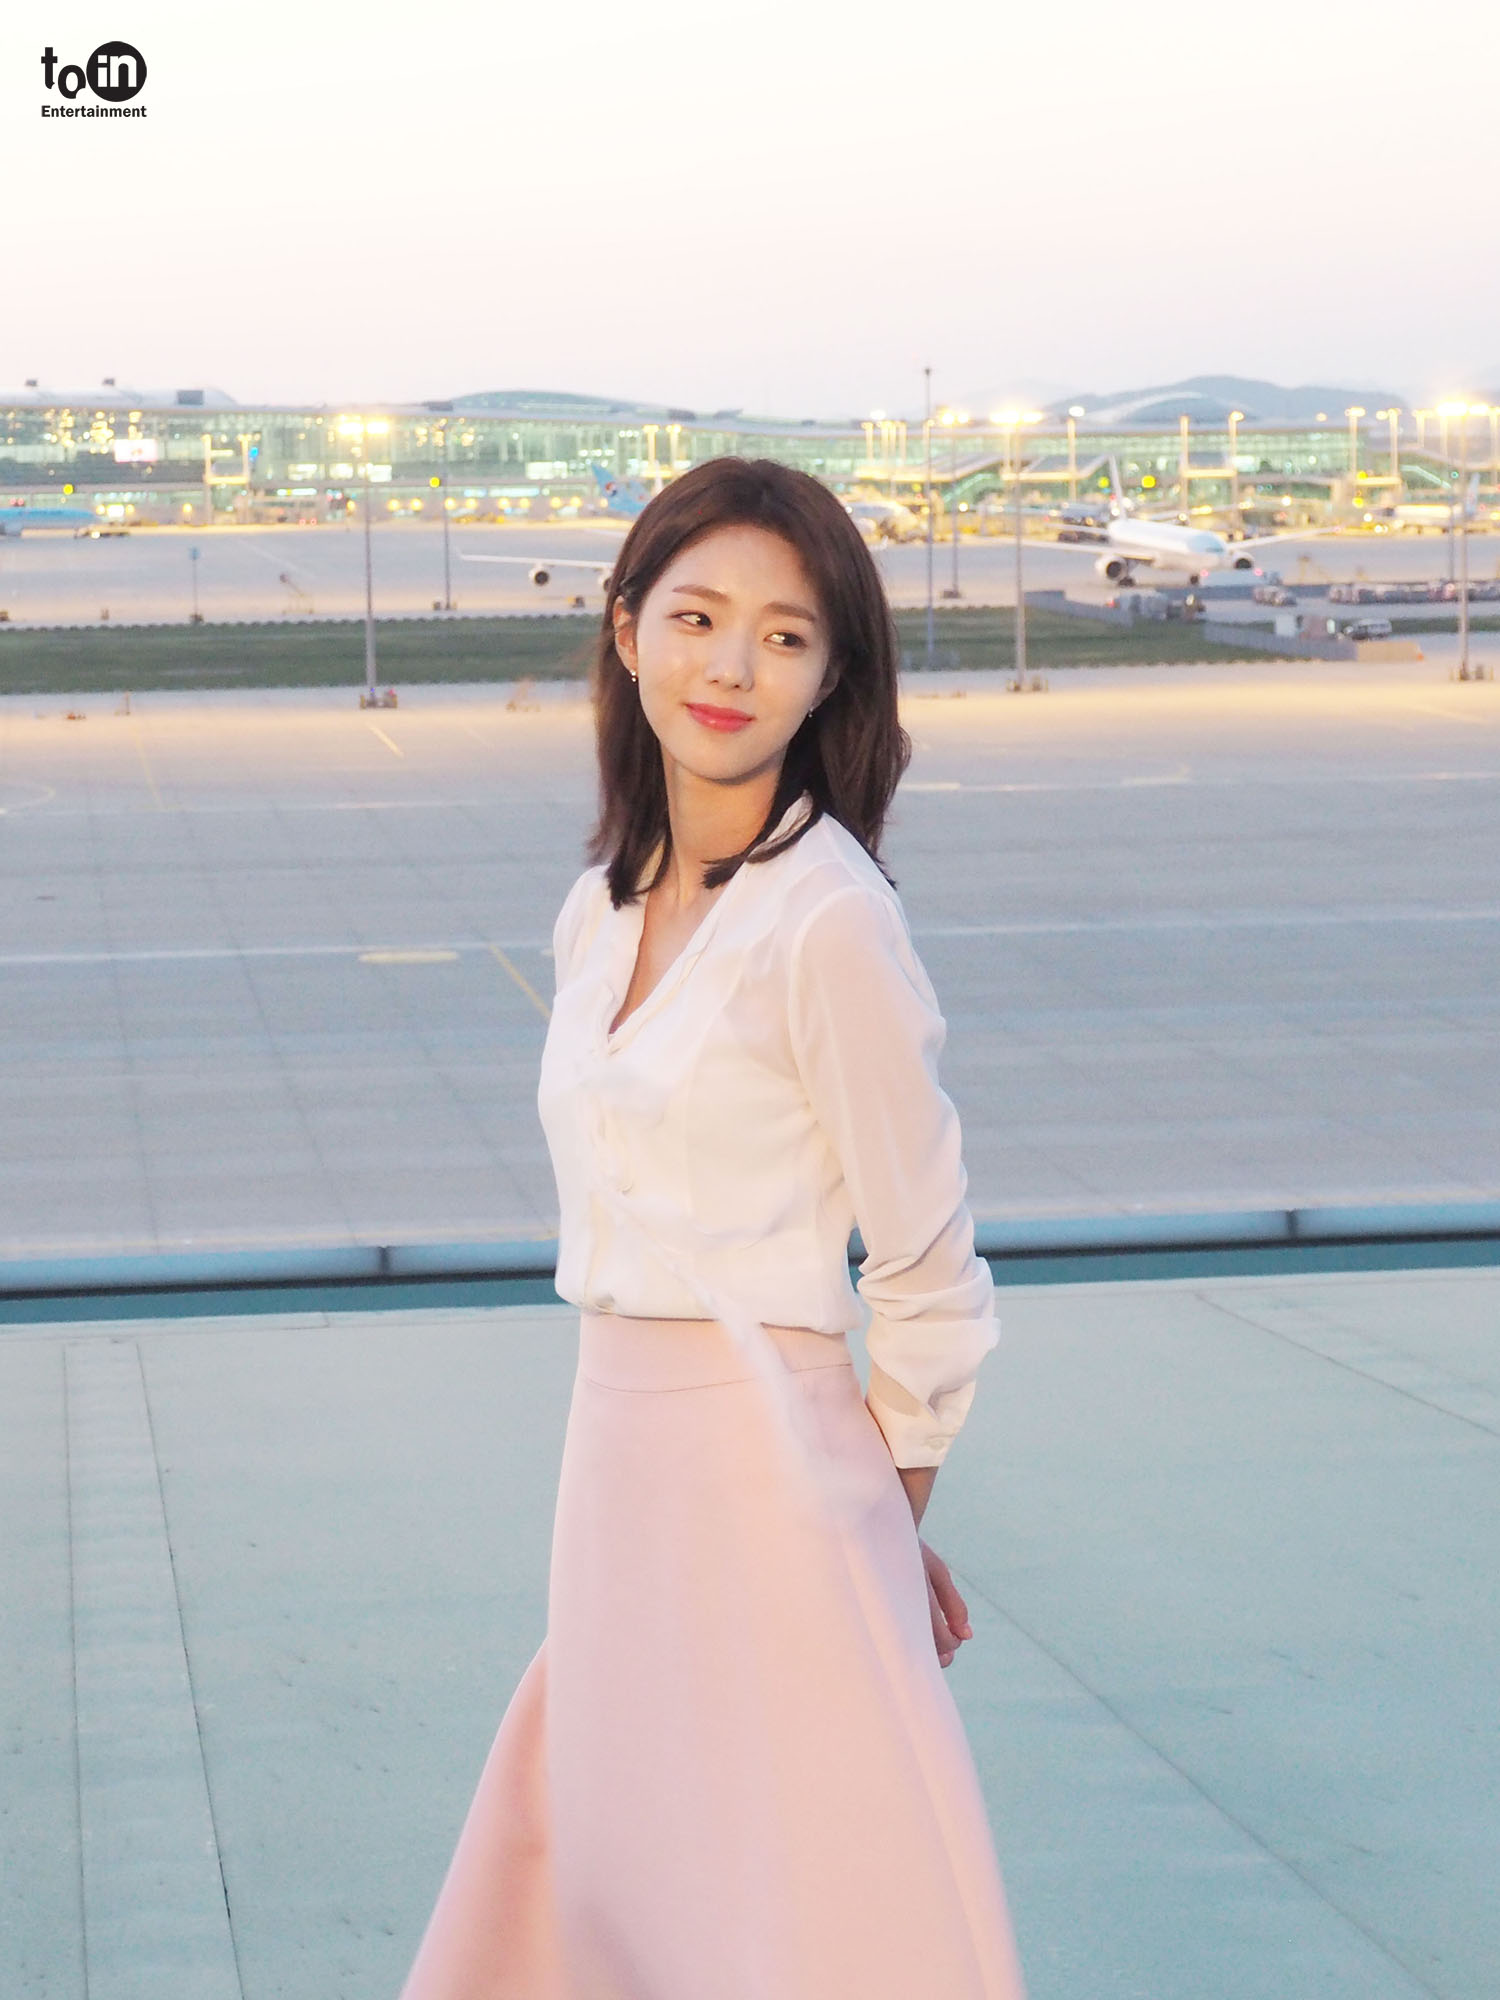 hottest actors, hottest actresses, 2018 actors, chae soobin